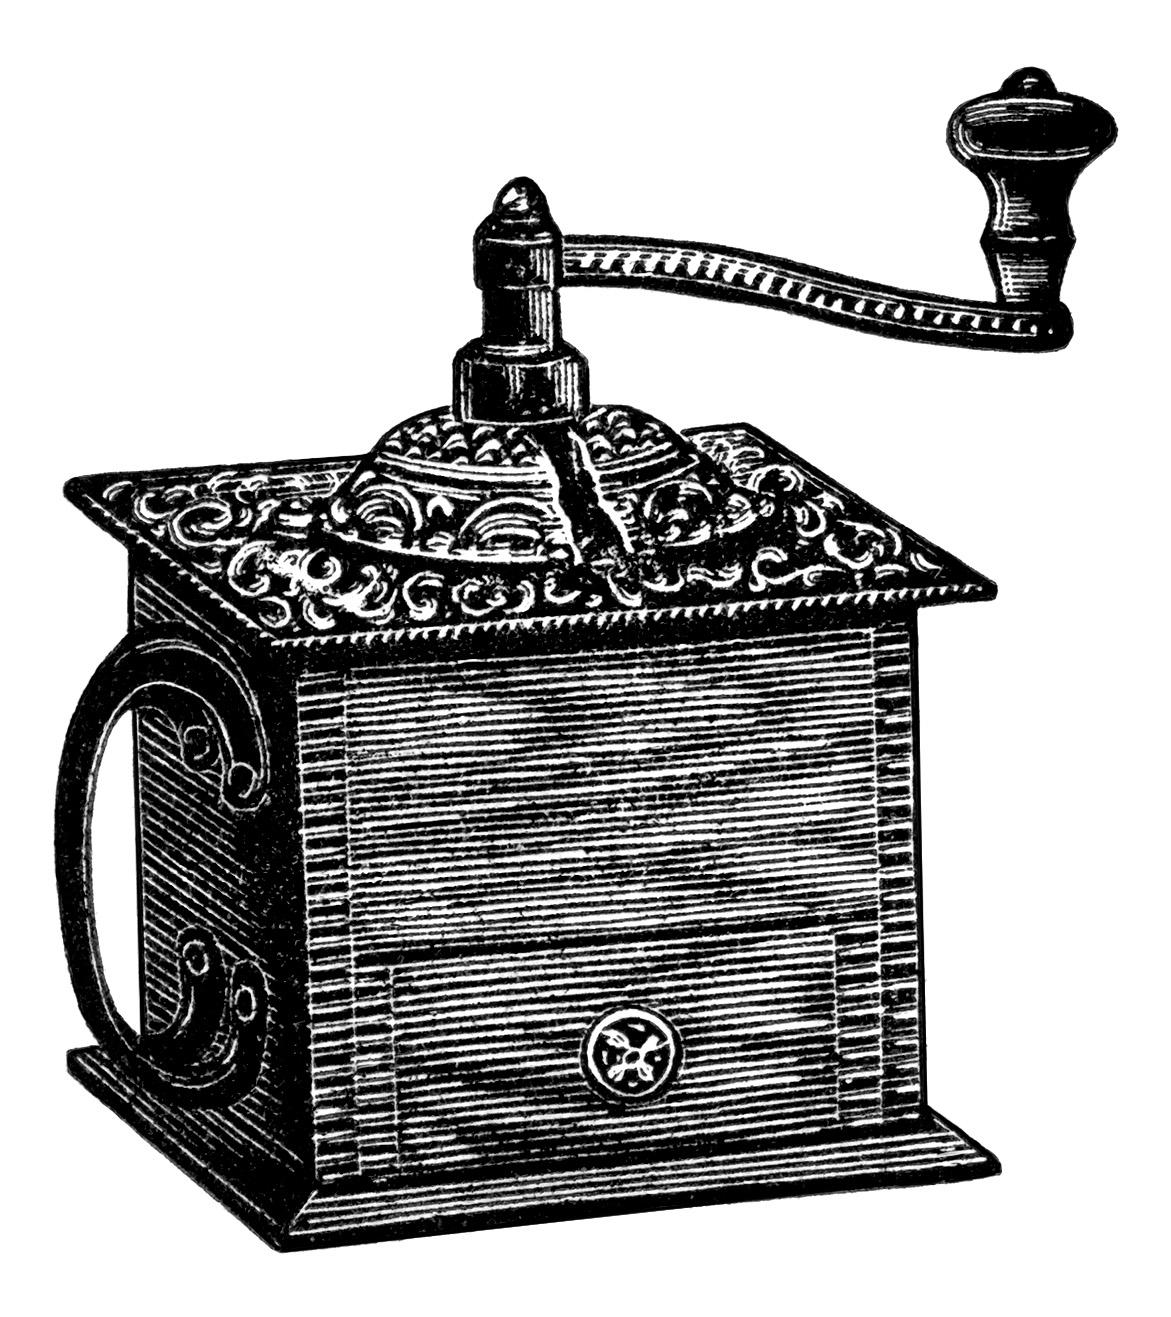 Vintage Coffee Grinder ~ Free Clip Art | Old Design Shop Blog